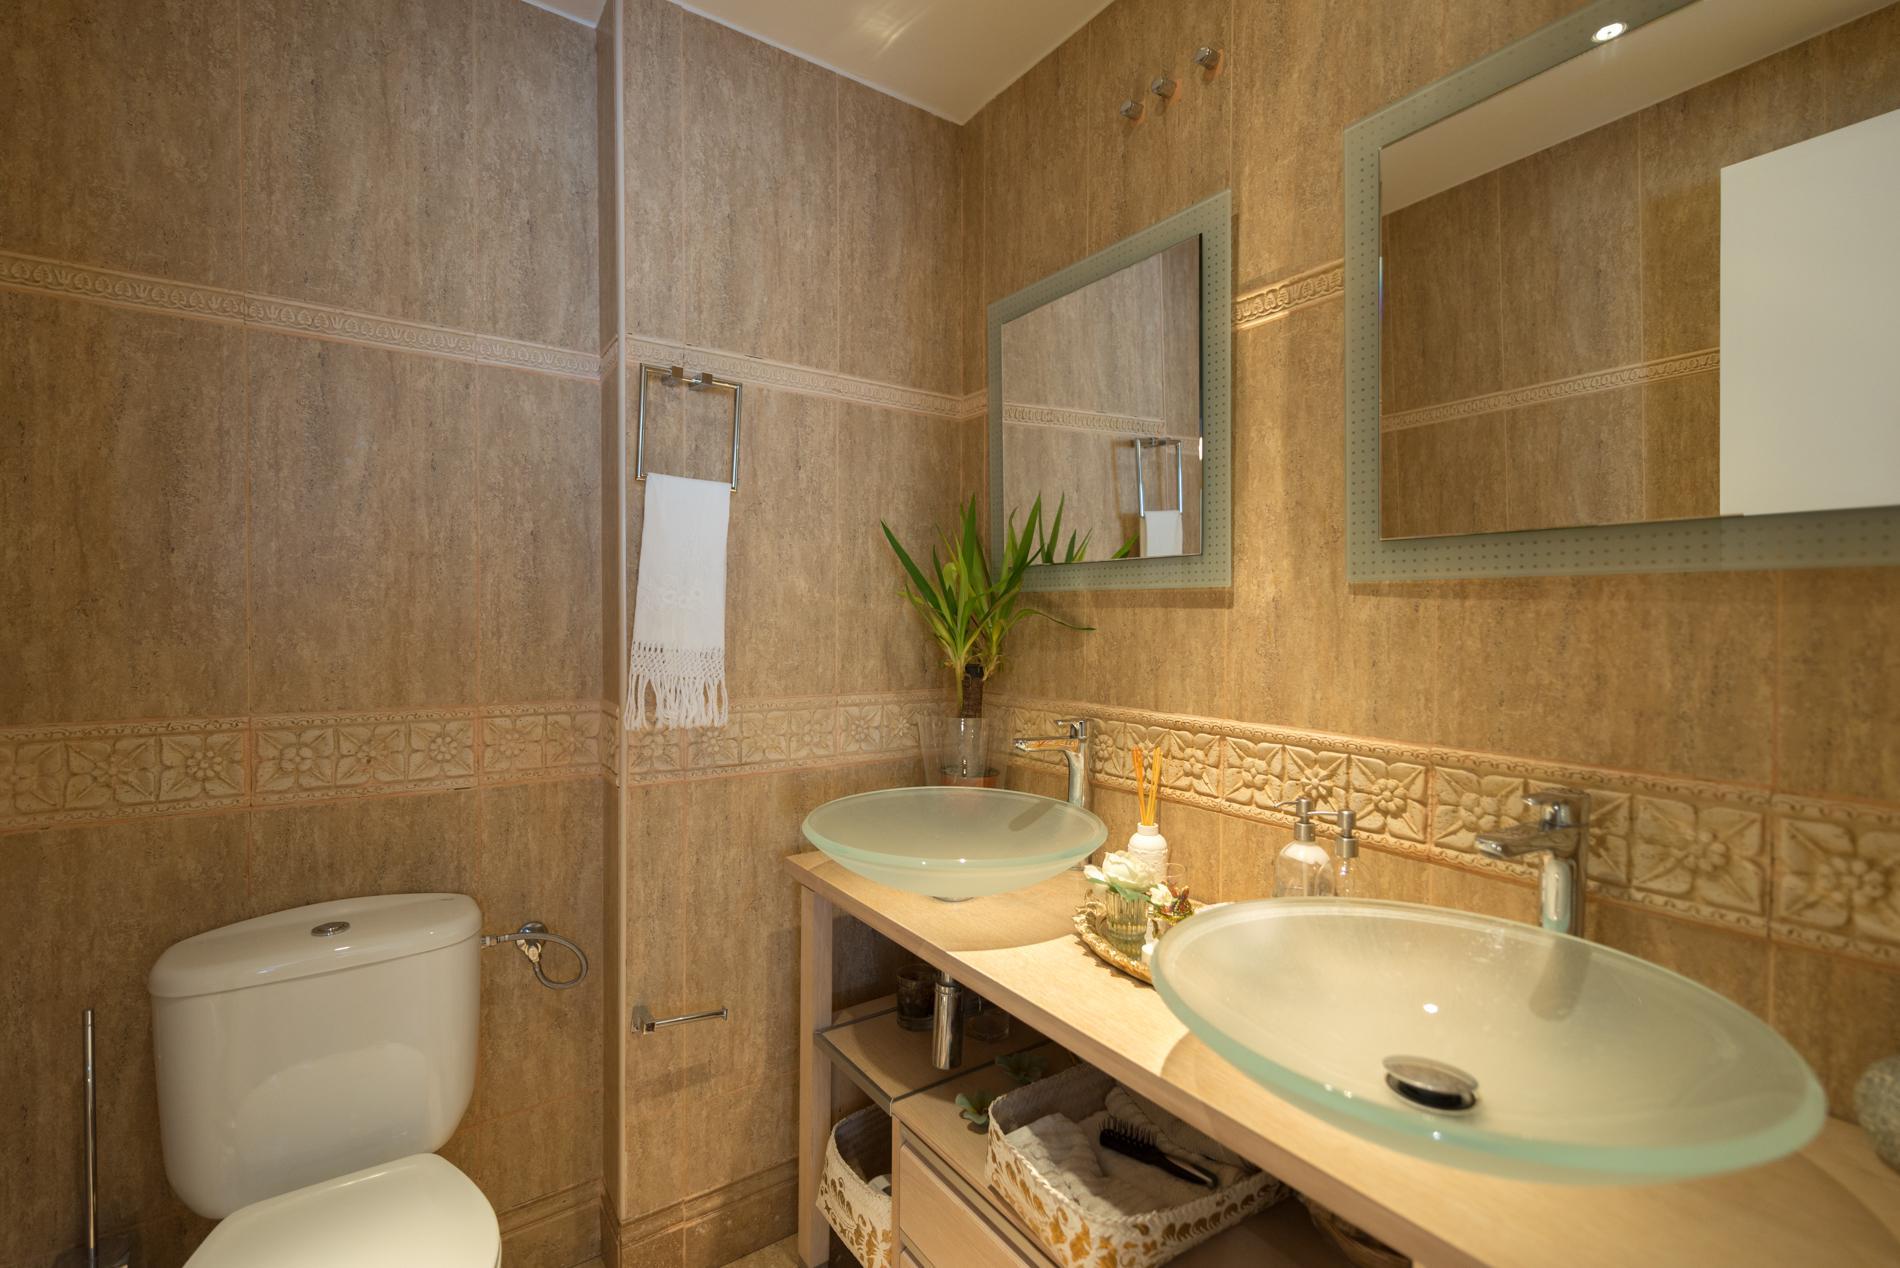 222426 Apartment for sale in Eixample, Dreta Eixample 33